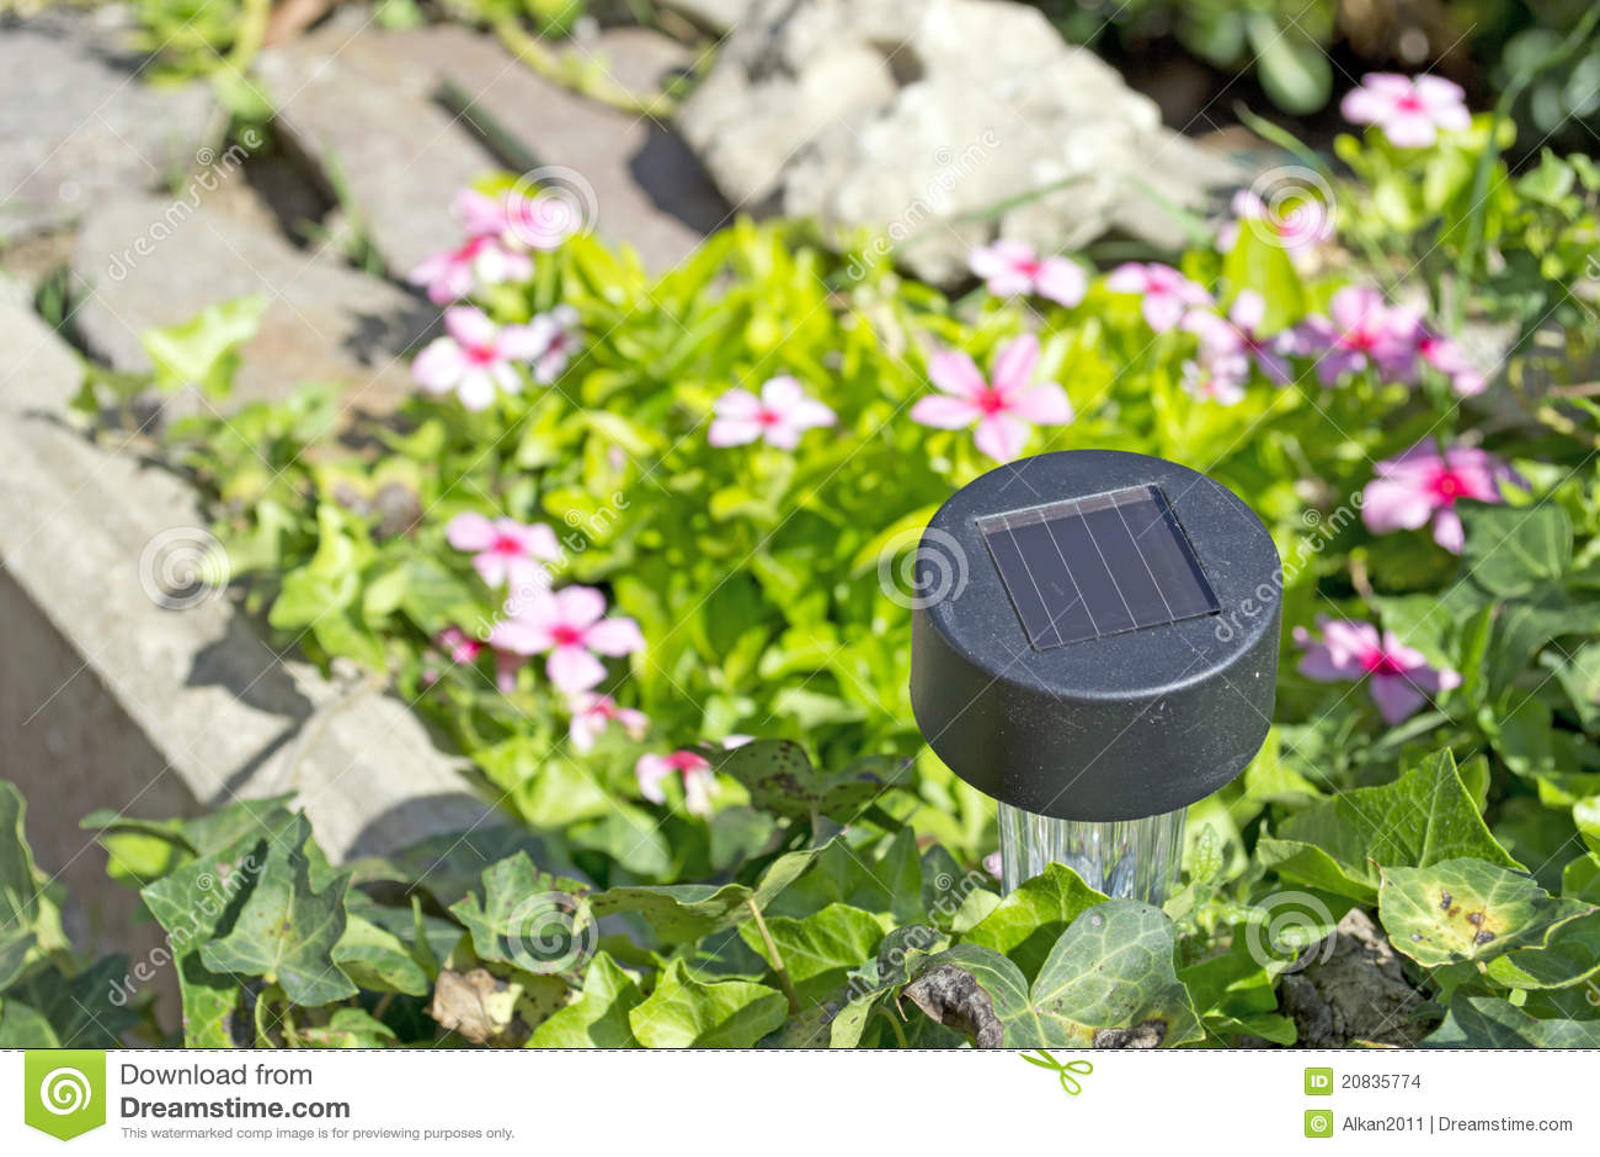 solar garden light stock images image 20835774. Black Bedroom Furniture Sets. Home Design Ideas